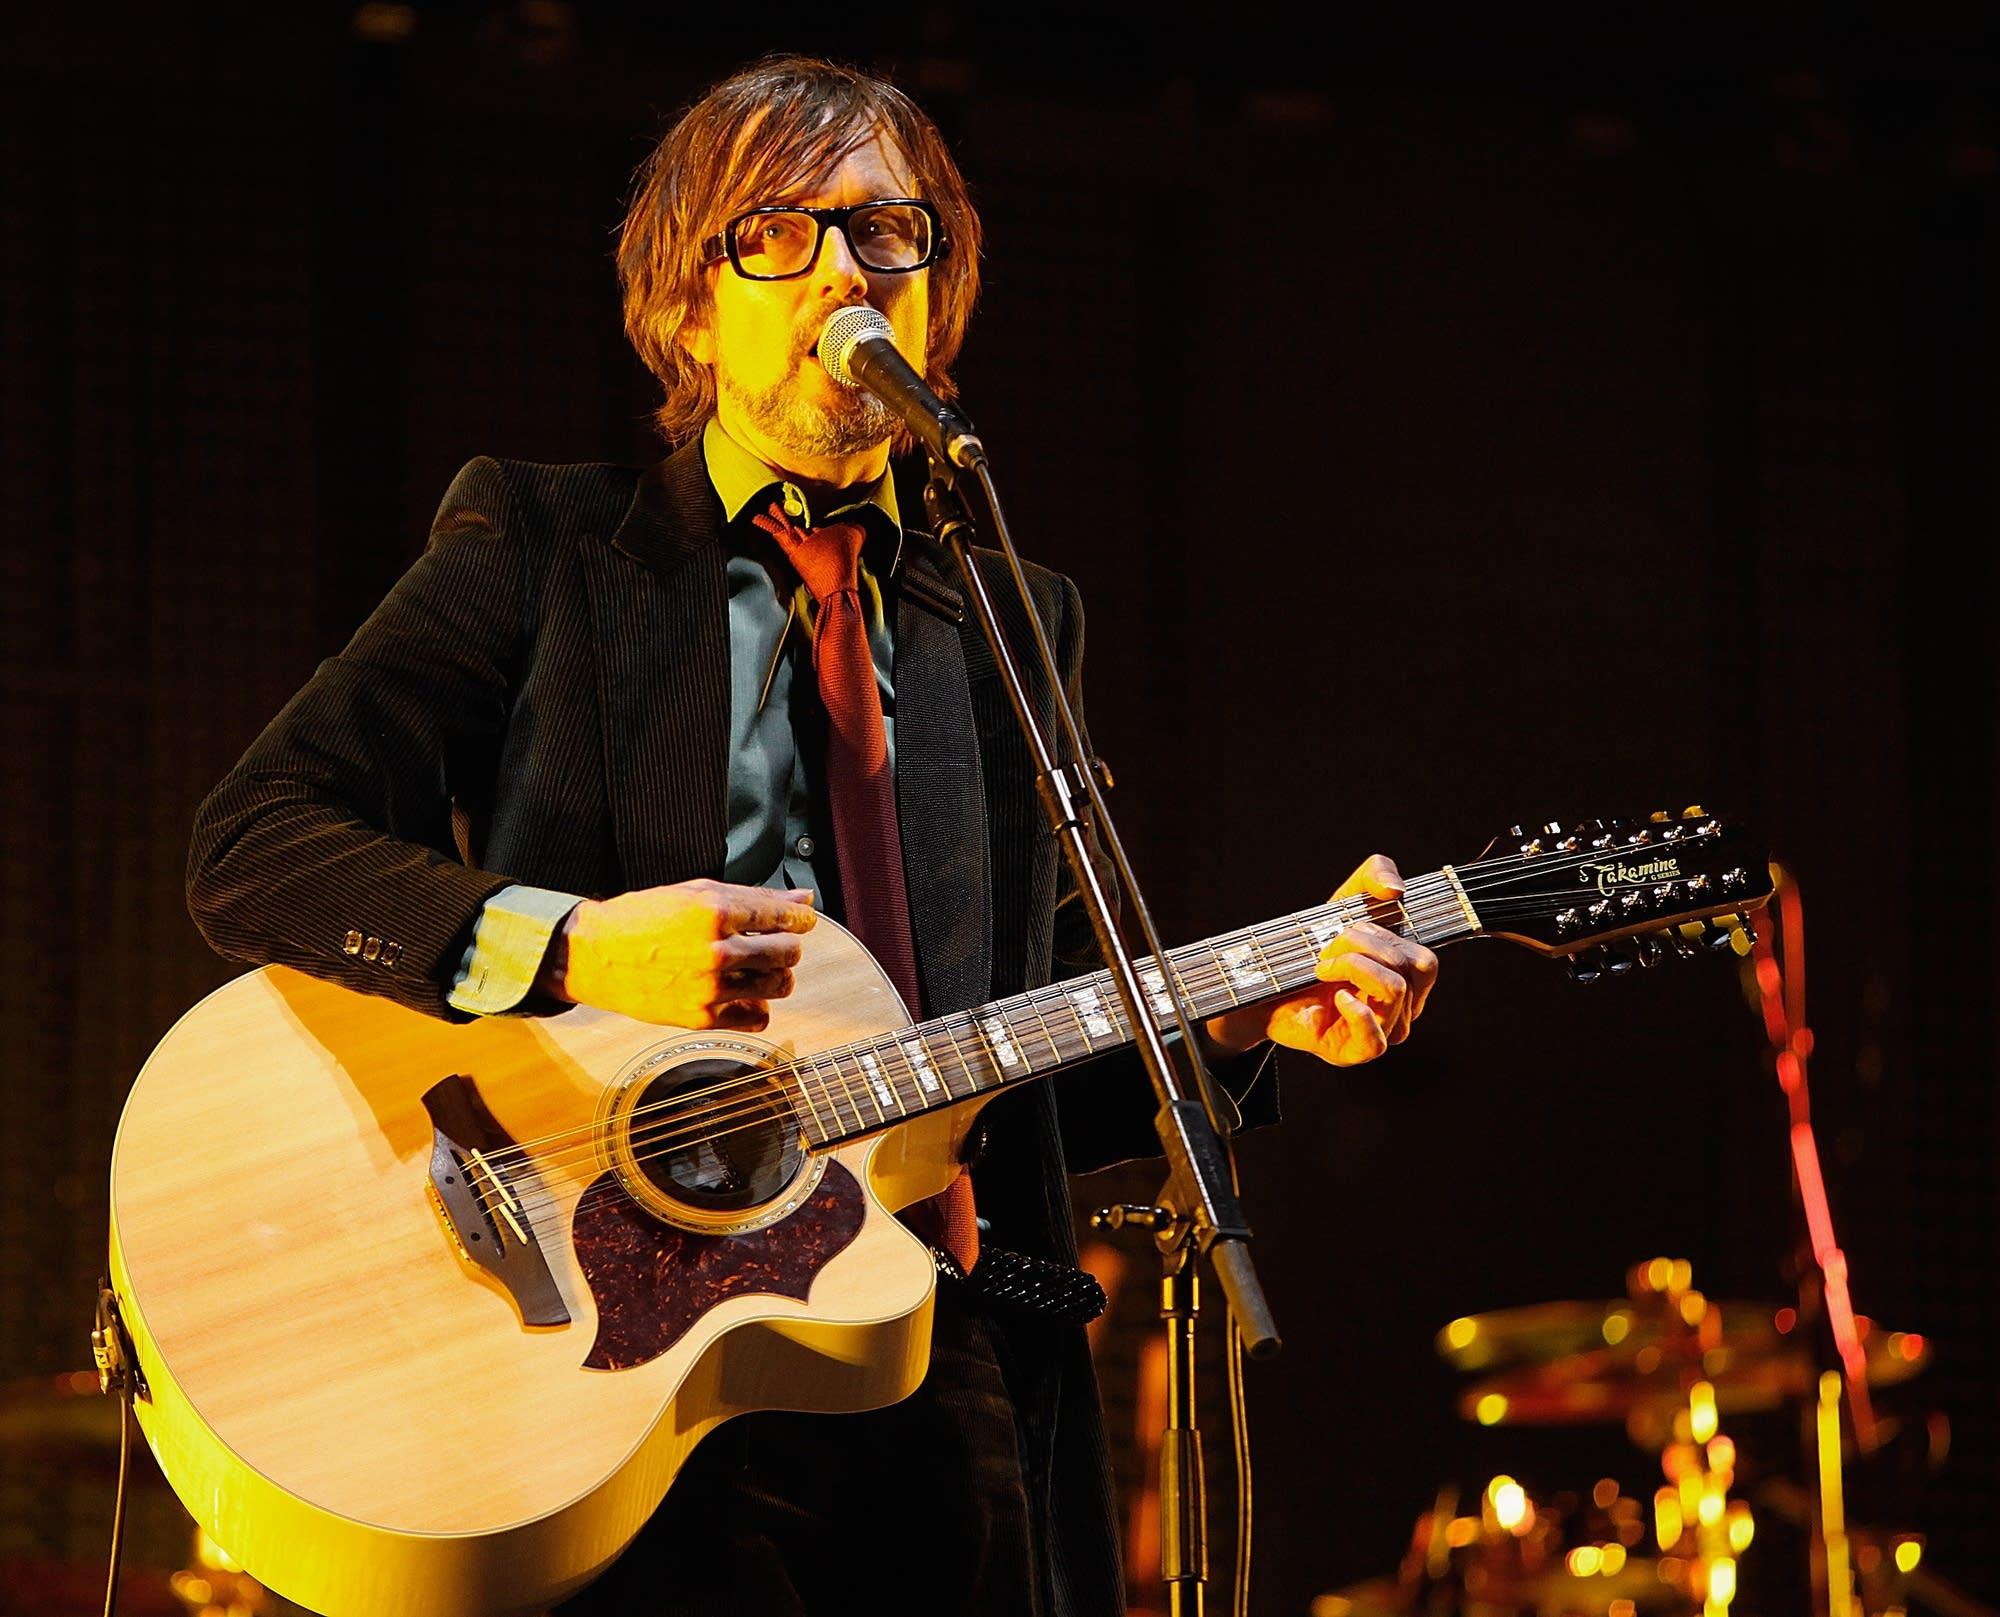 Singer-songwriter Jarvis Cocker